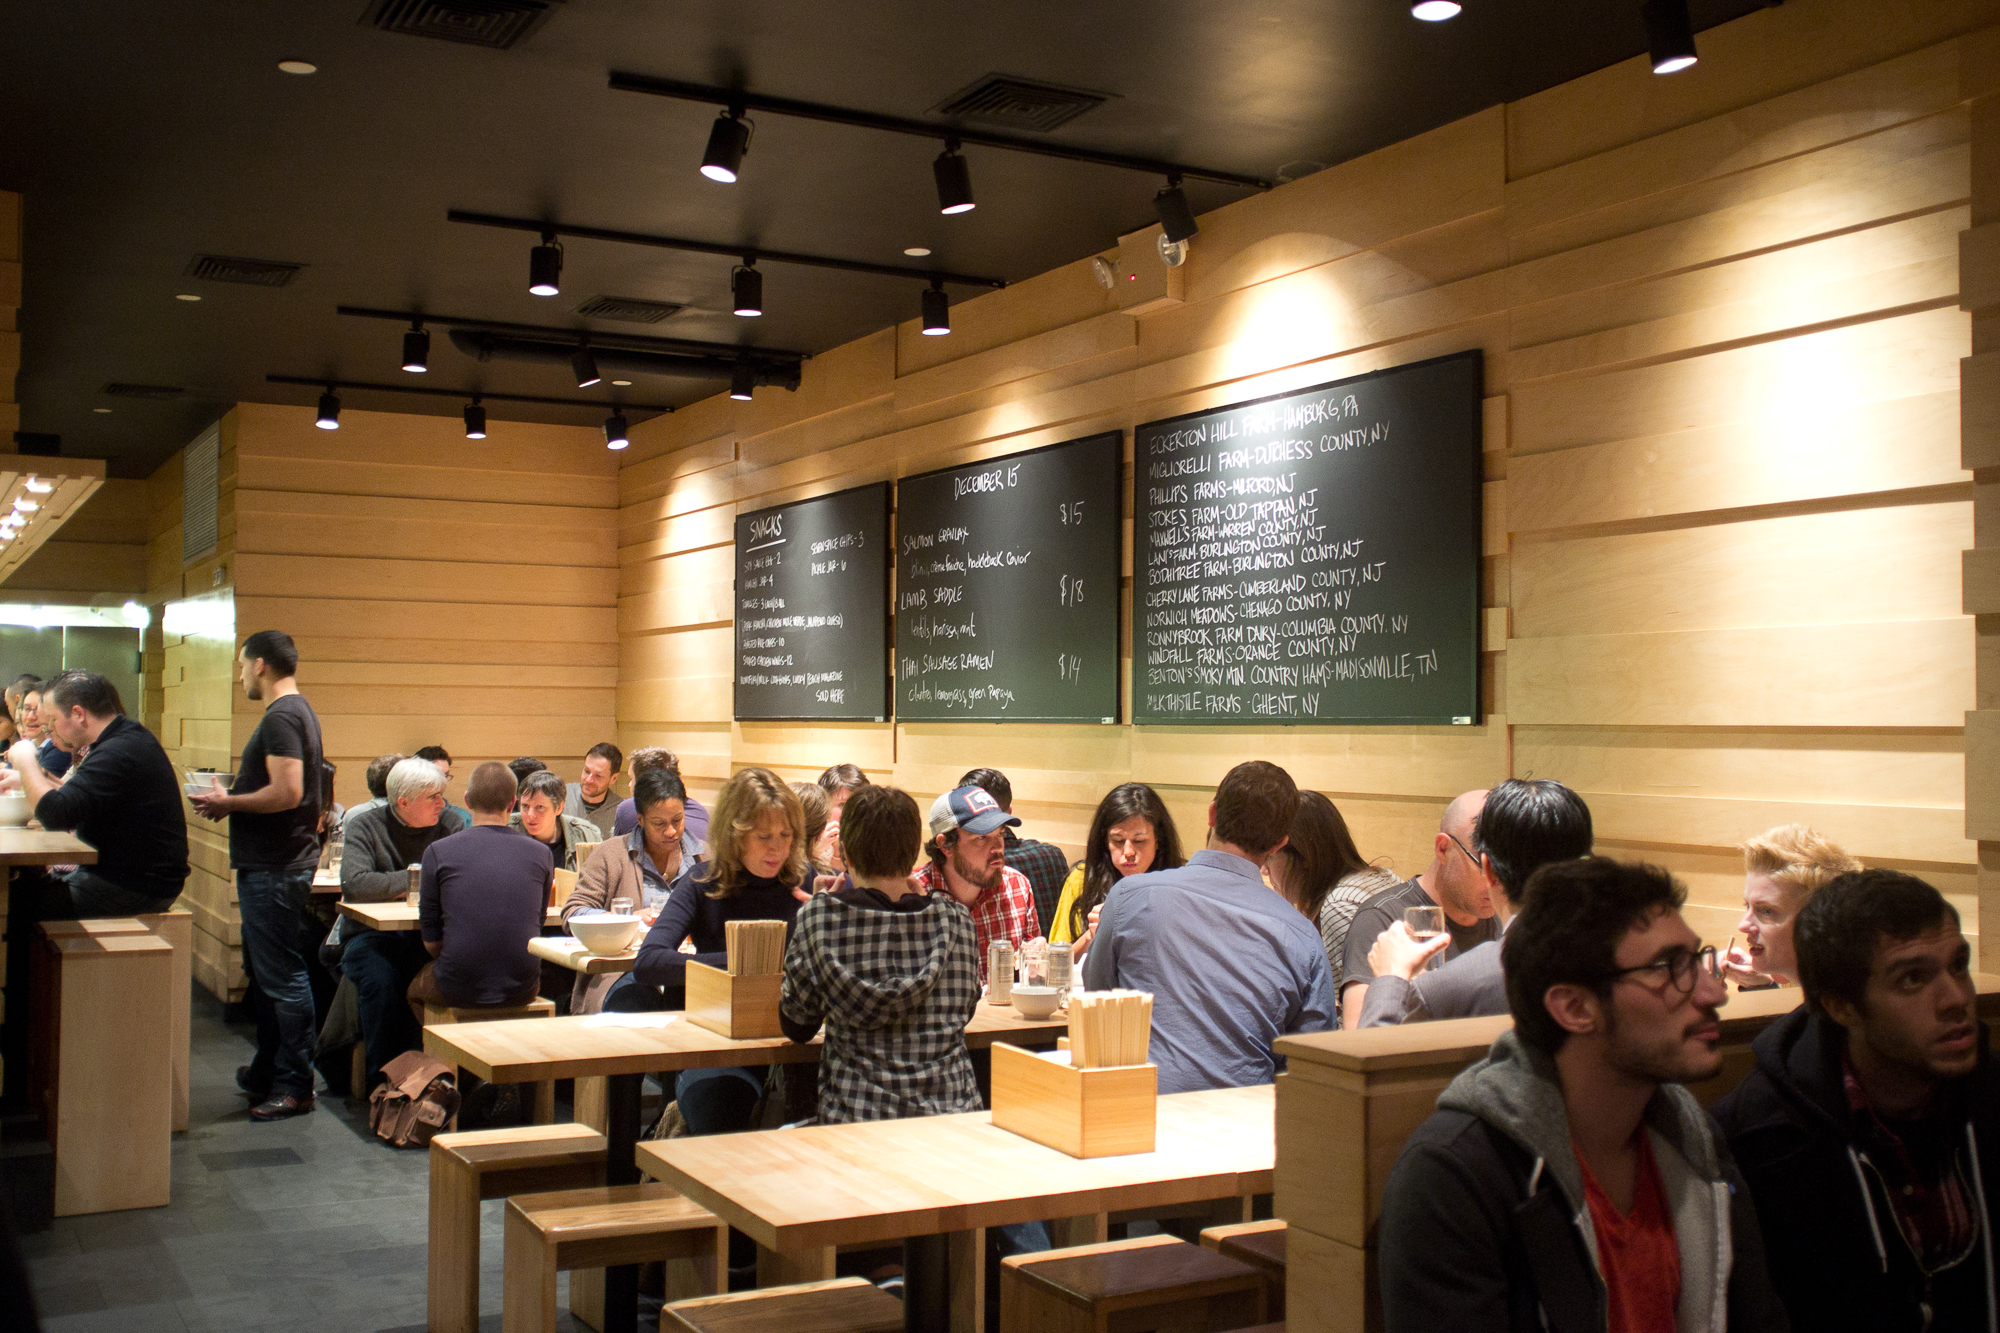 People dining inside Momofuku Noodle Bar's wood-filled interior